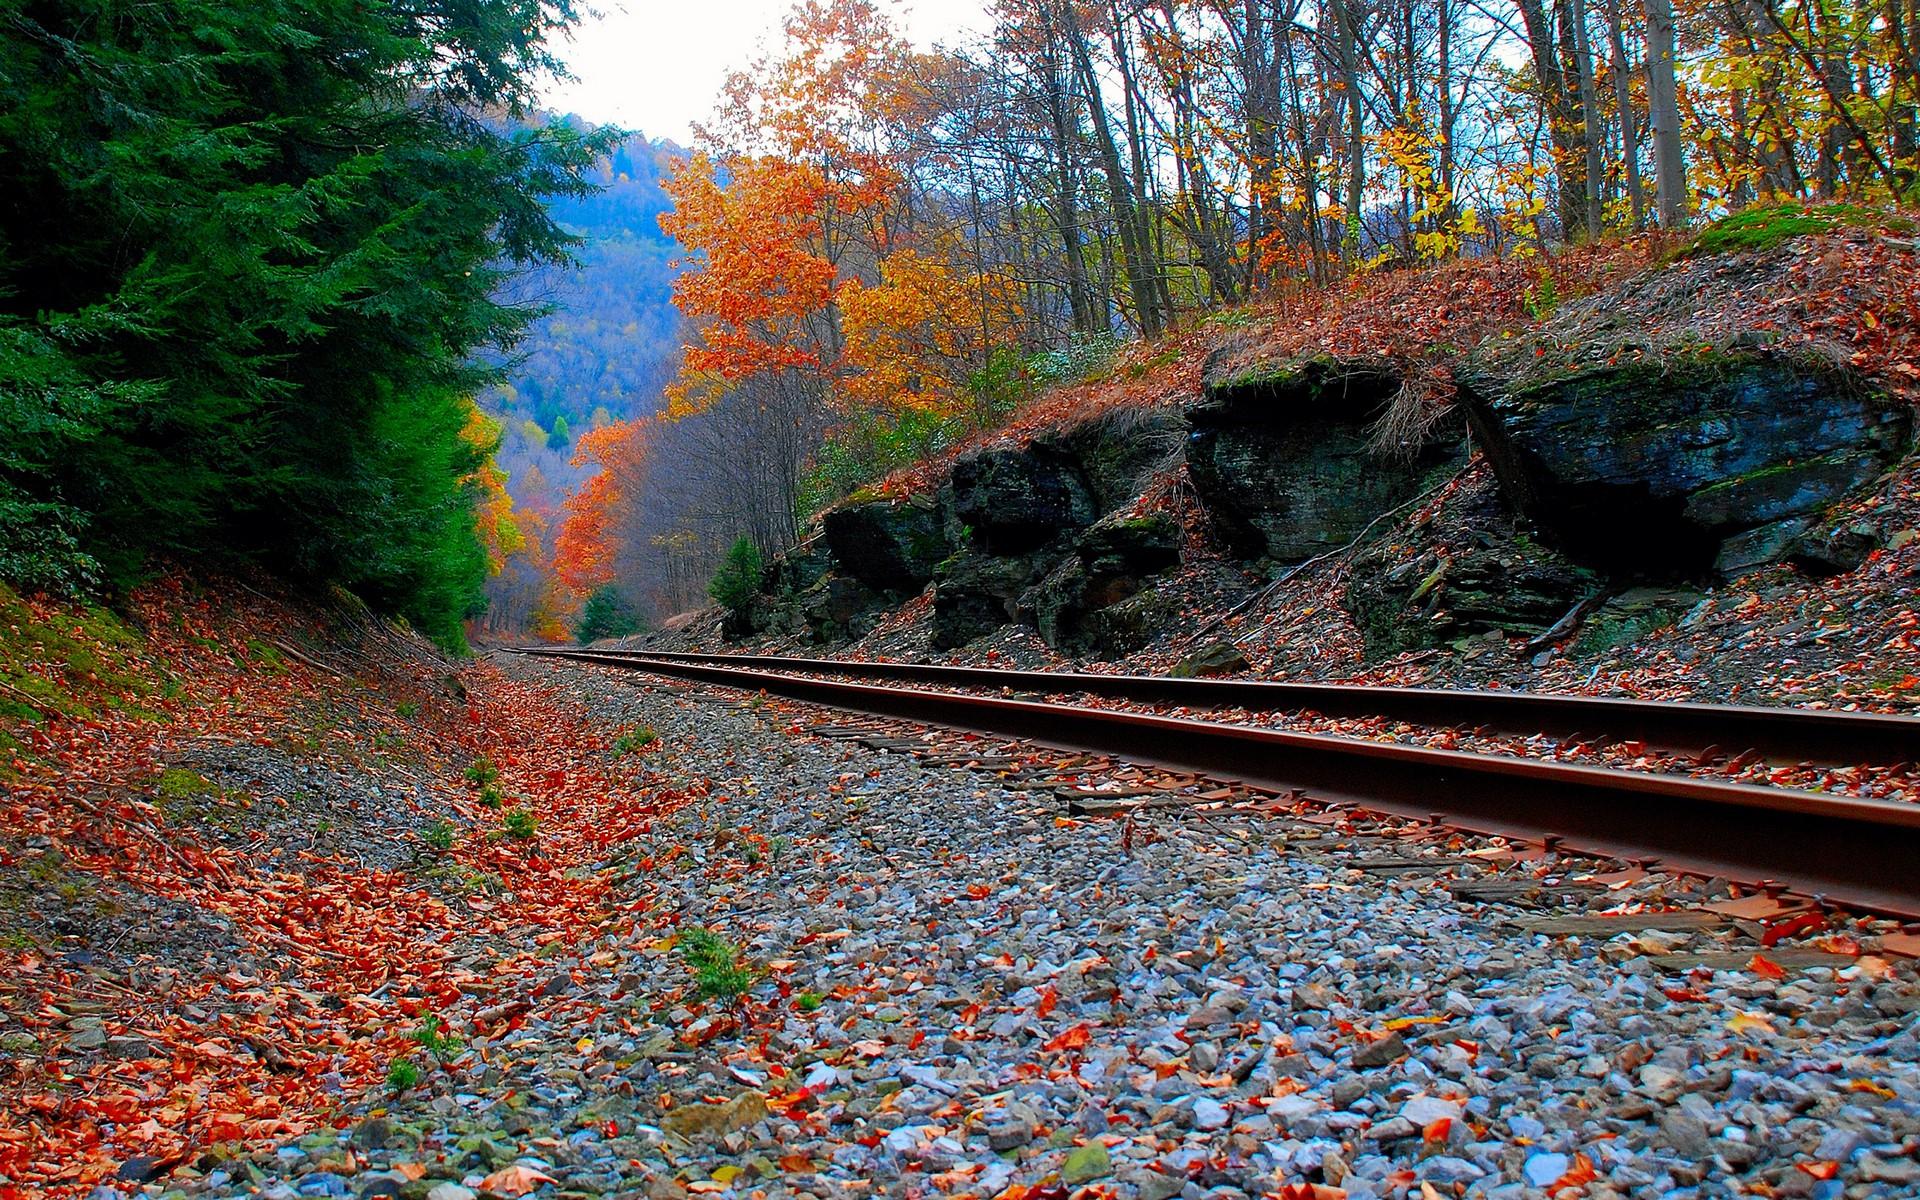 Railway wallpaper